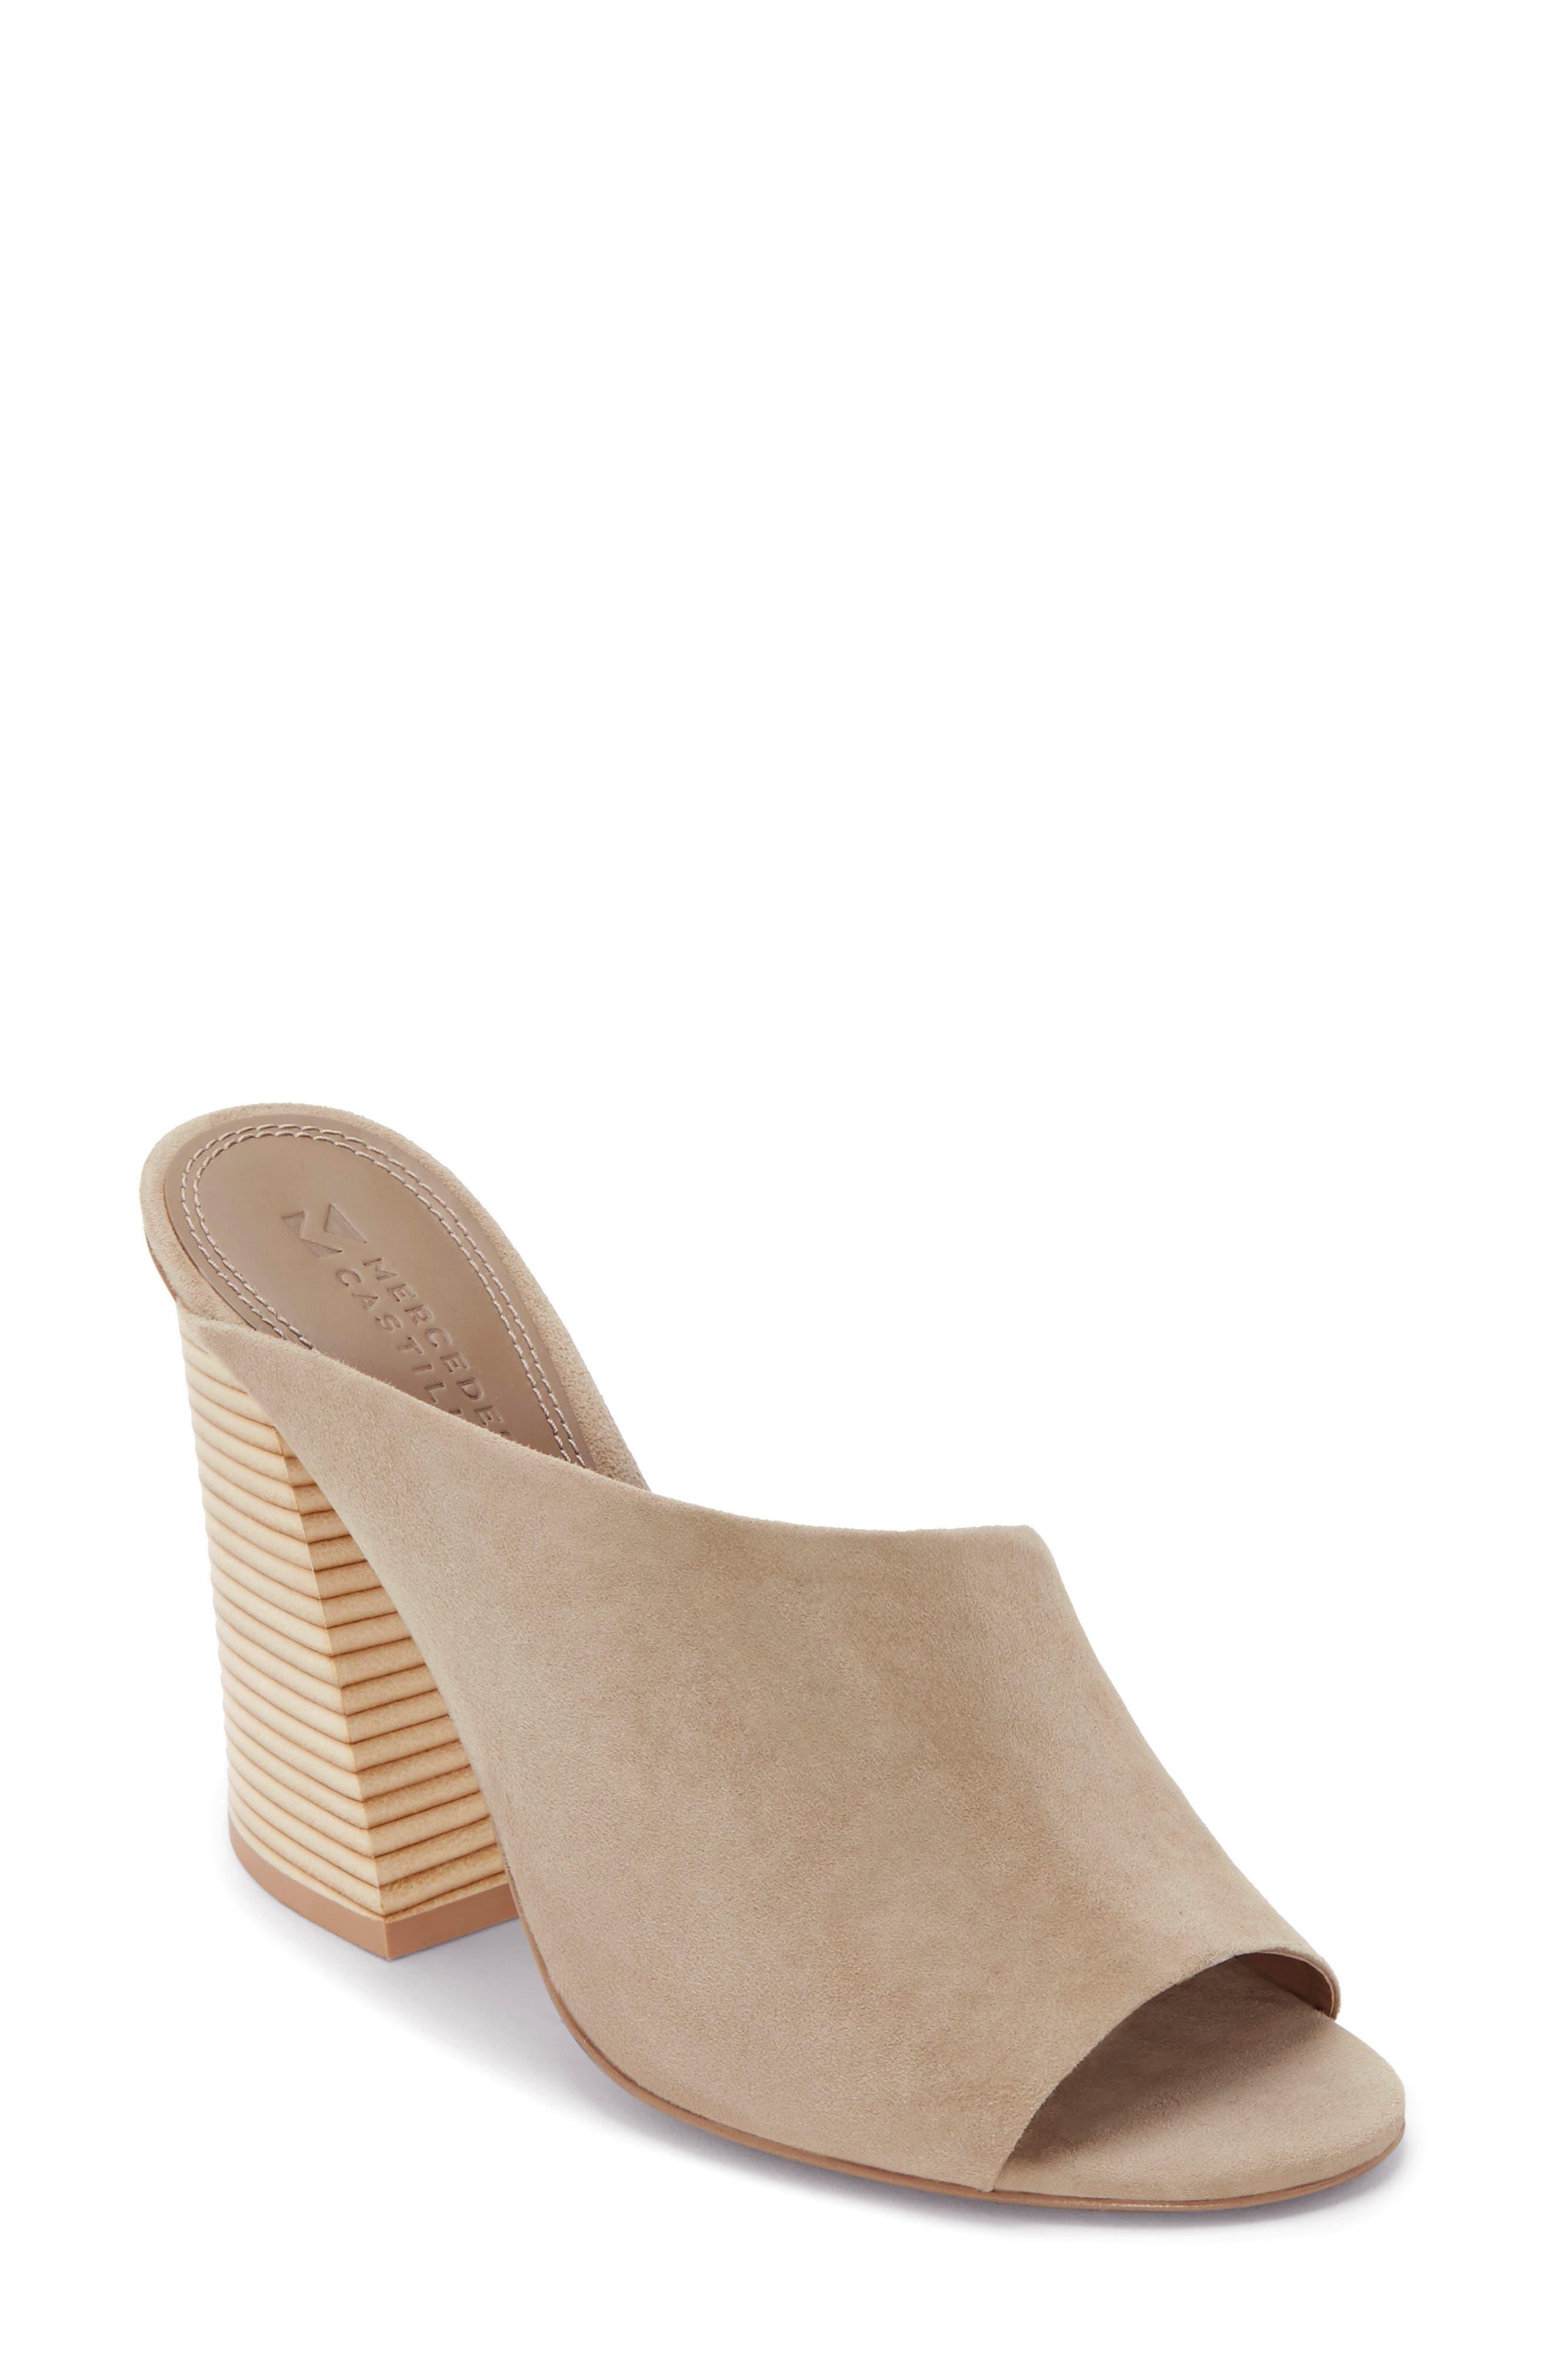 feb34308776 Women s Mule Heels